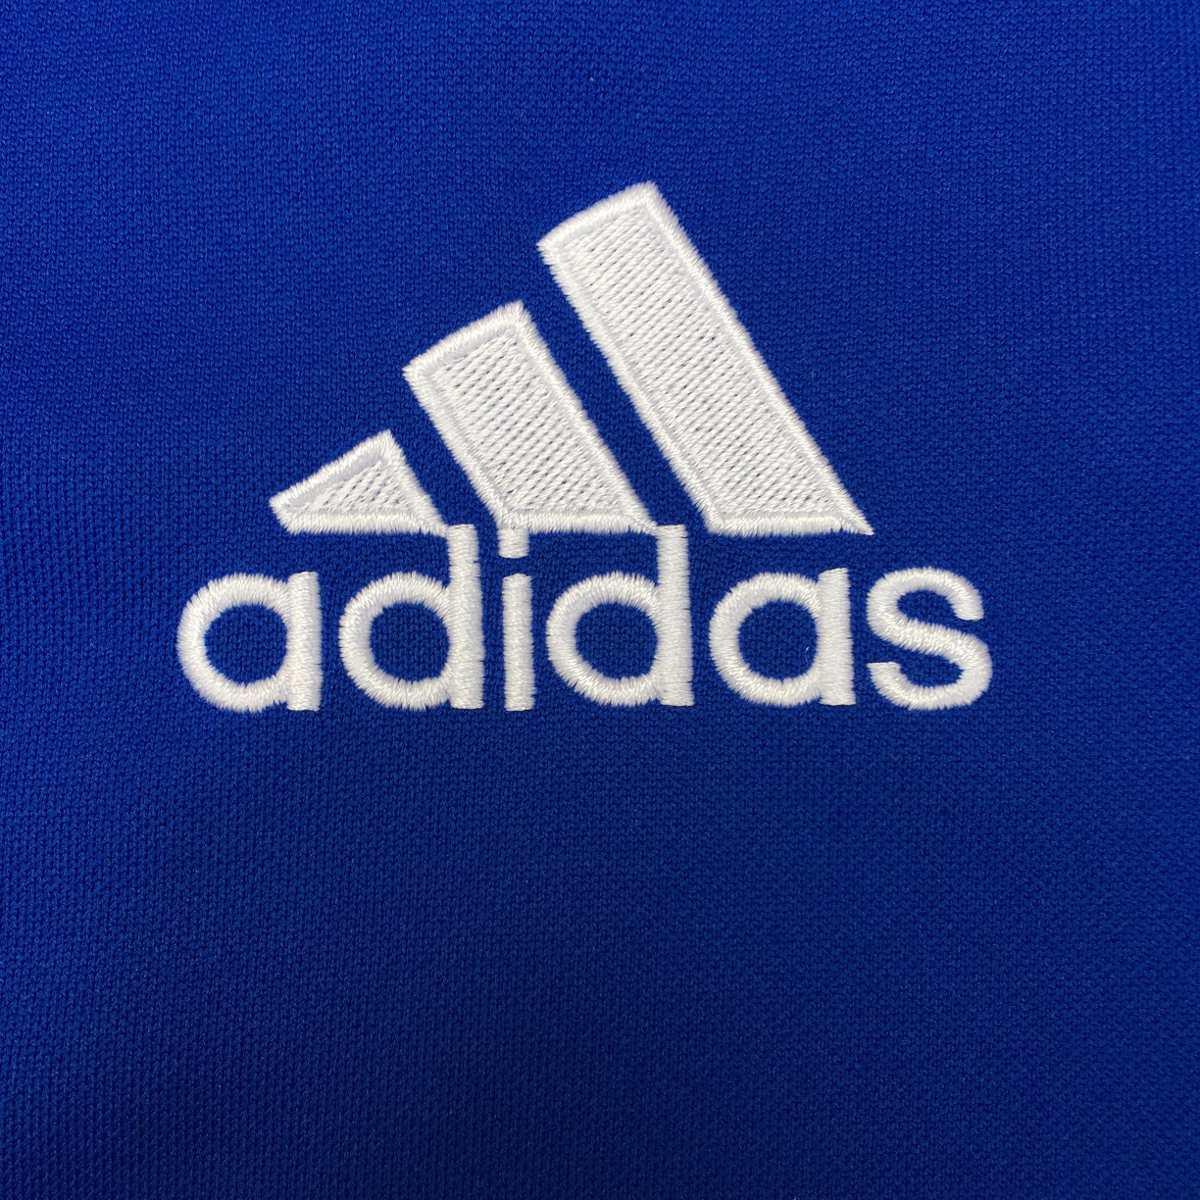 d157abd653 z18650 camisa adidas rugby frança home 12 13 m fn1608. Carregando zoom.